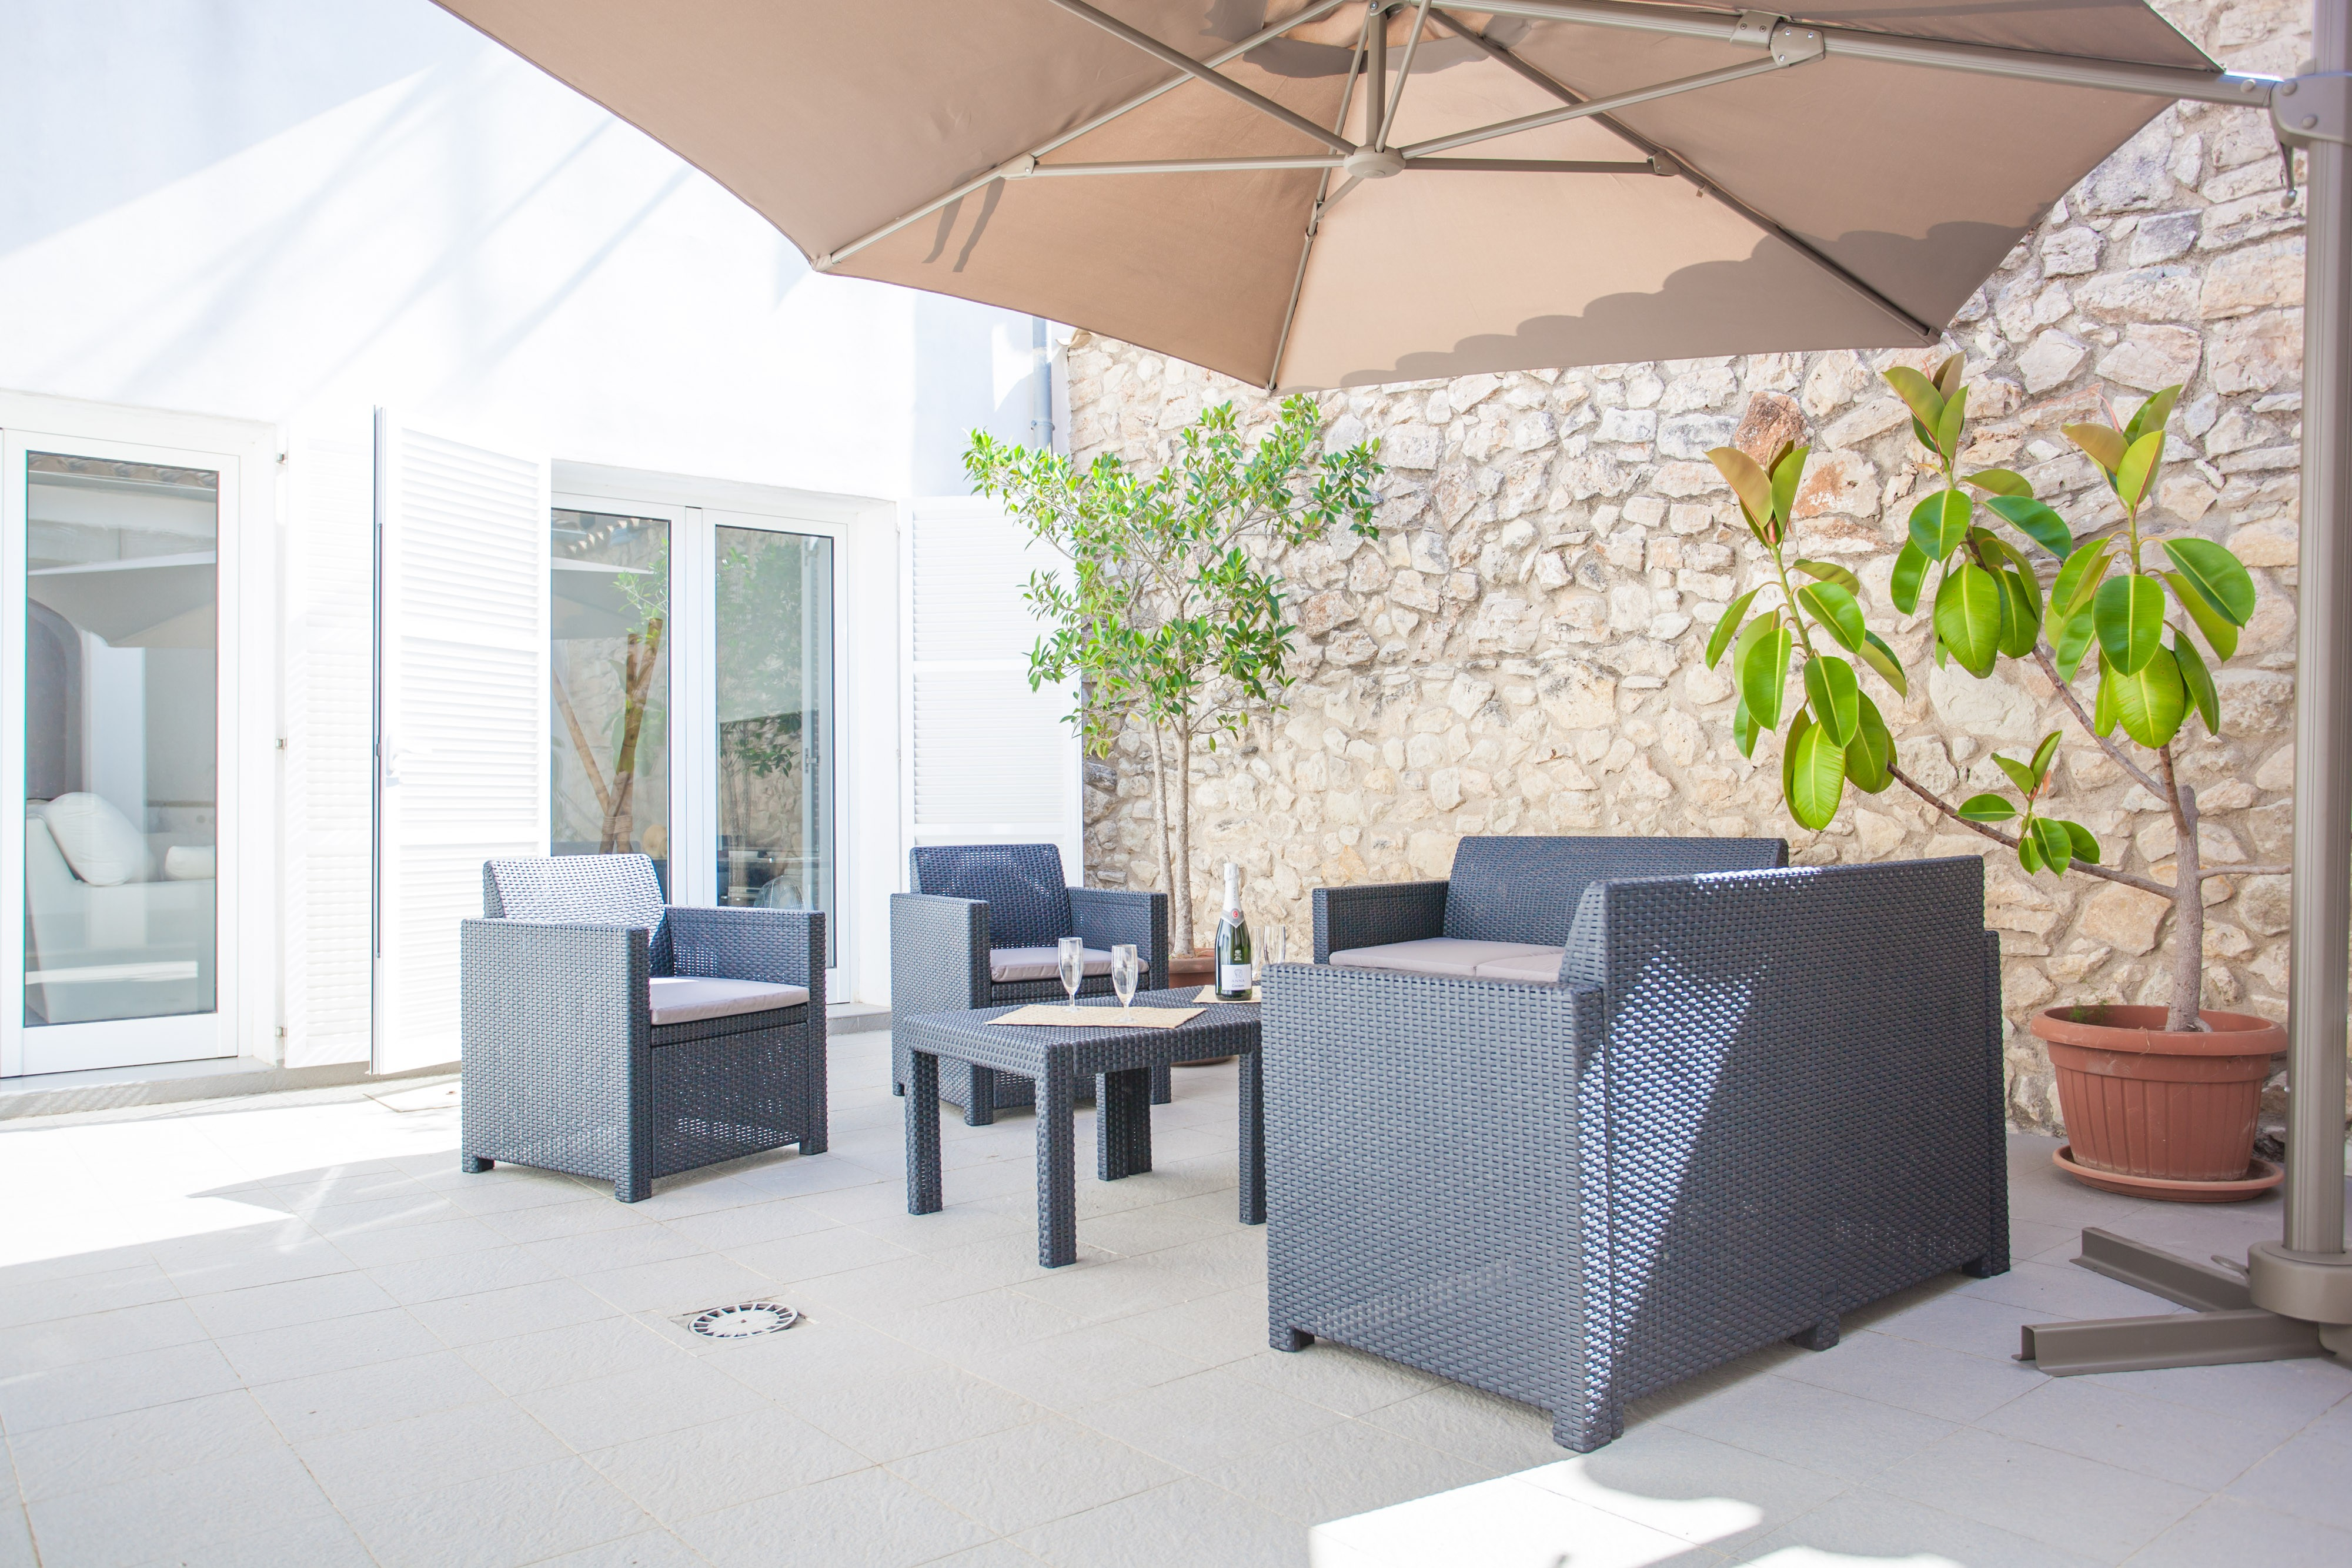 Maison de vacances CAN DOMINGO (2246405), Lloret de Vistalegre, Majorque, Iles Baléares, Espagne, image 28